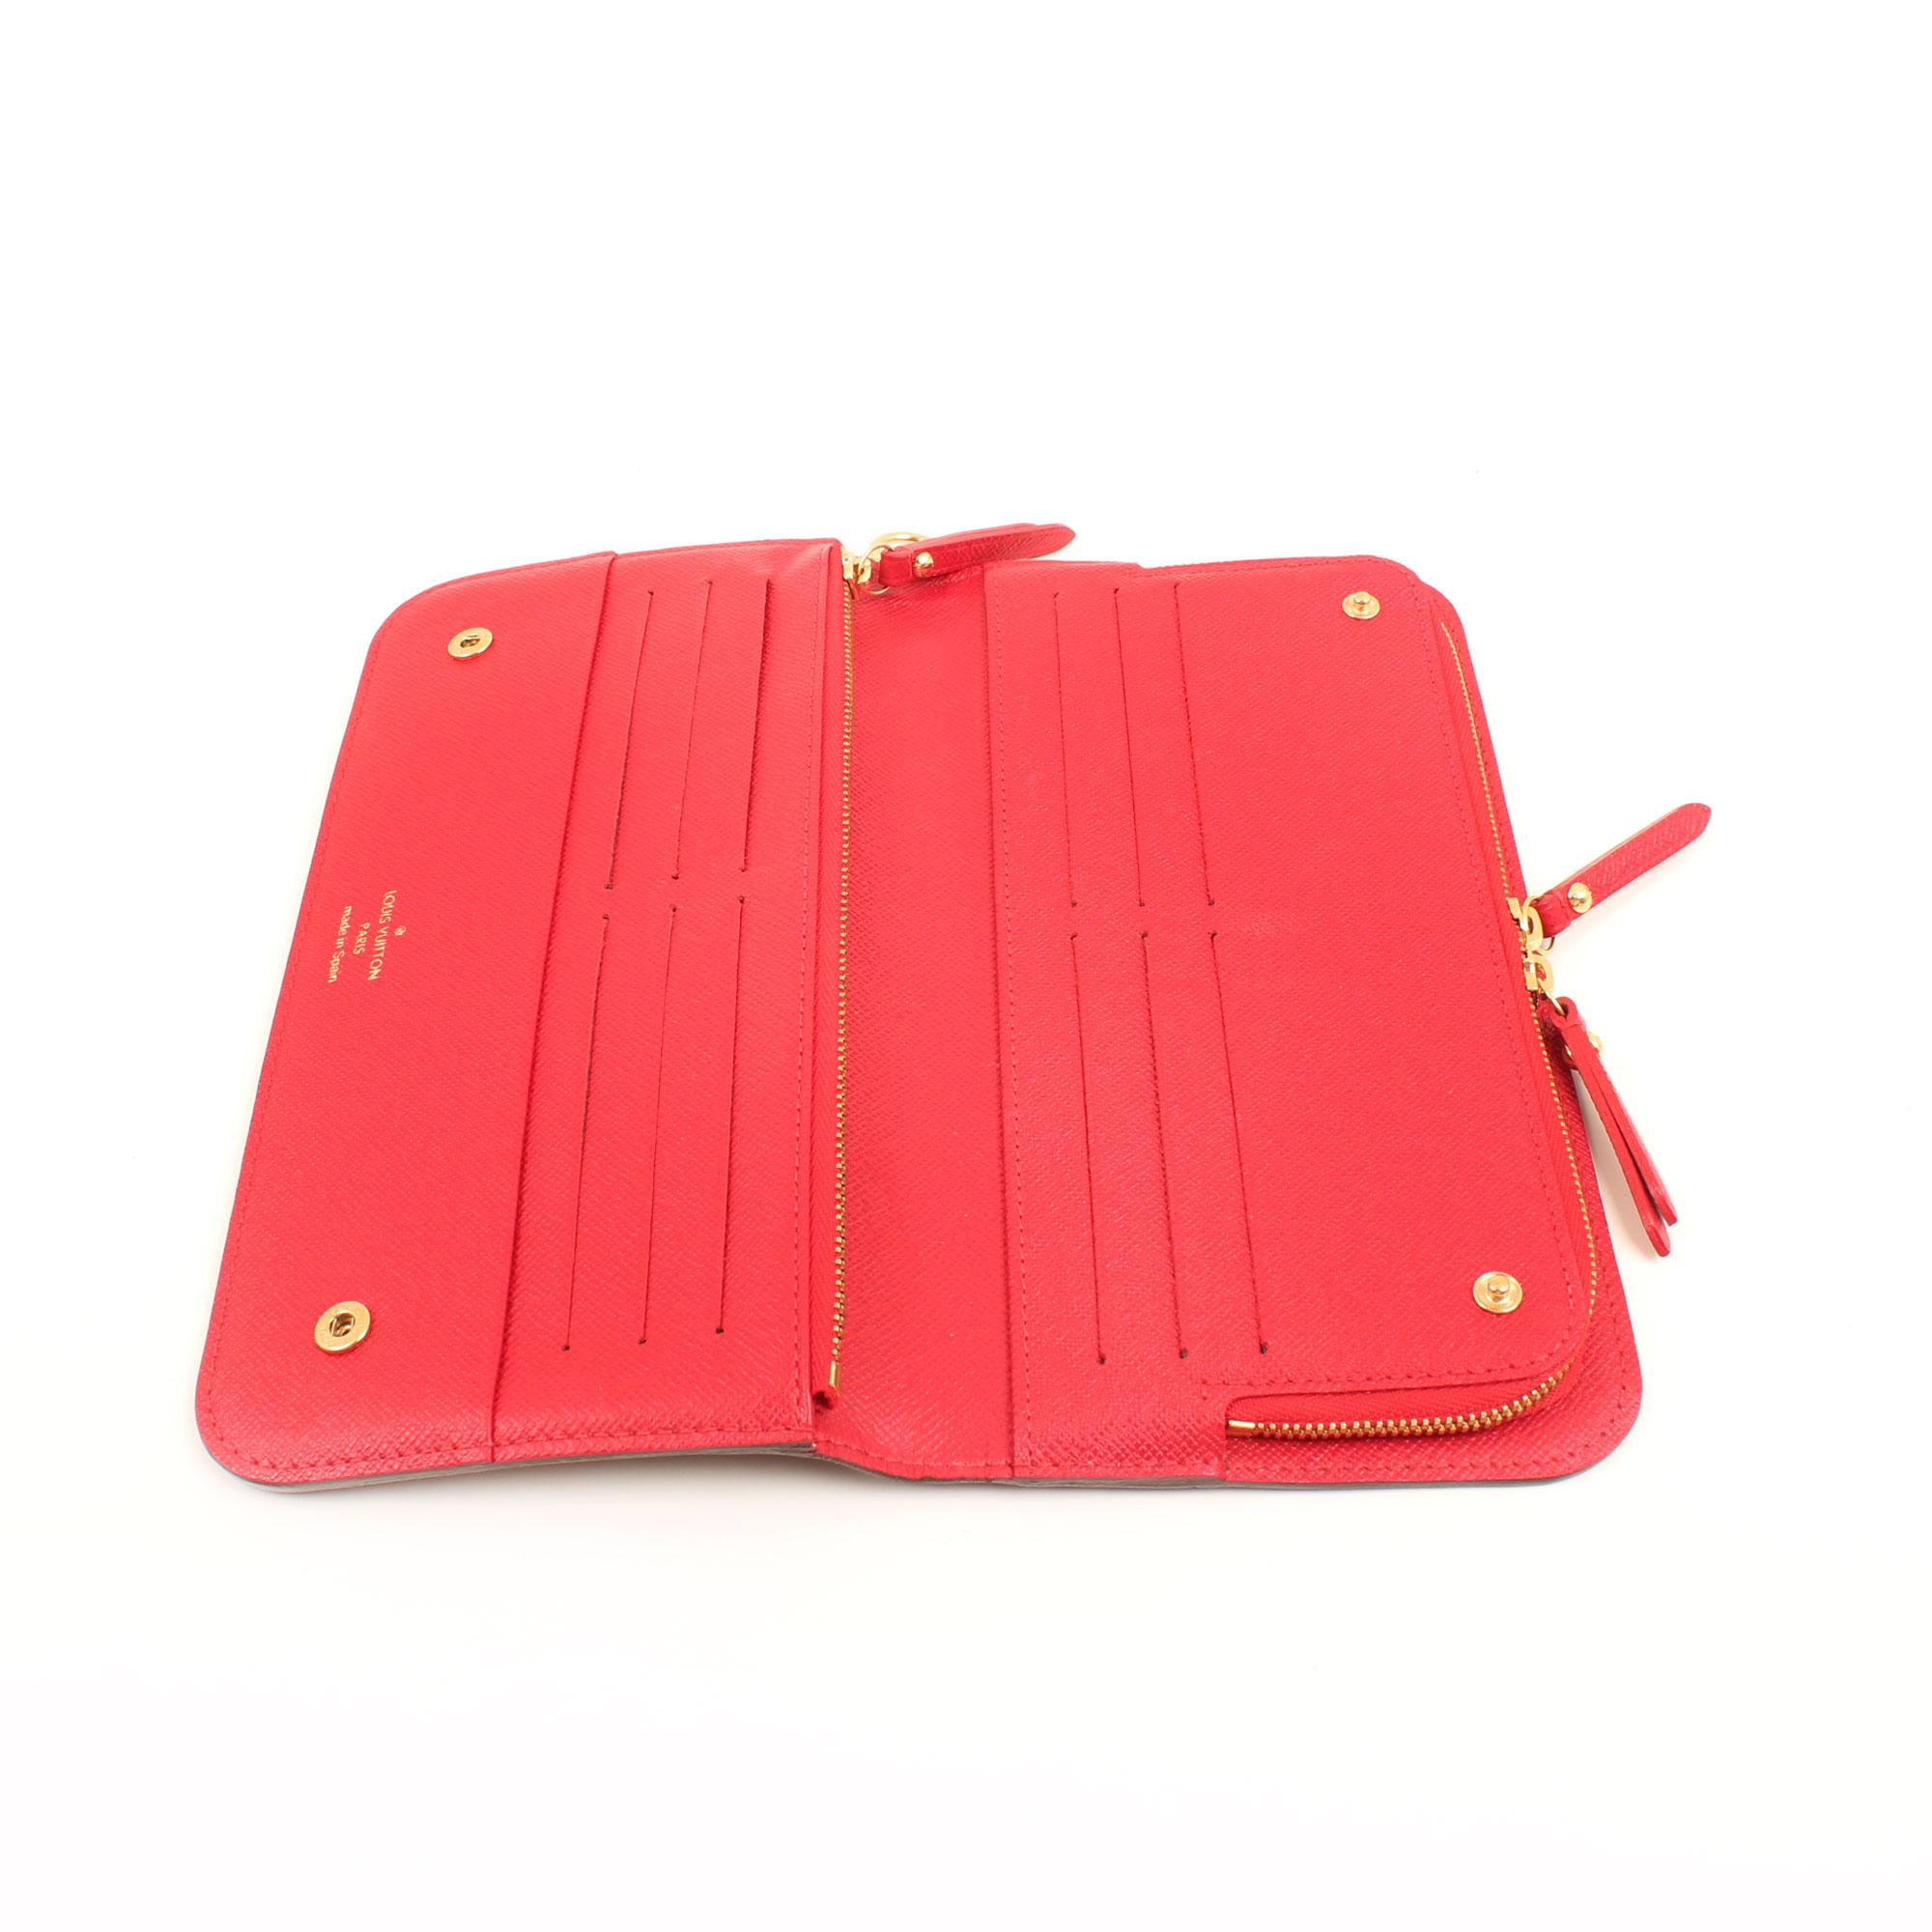 Imagen del interior de la cartera louis vuitton insolite monogram interior rojo